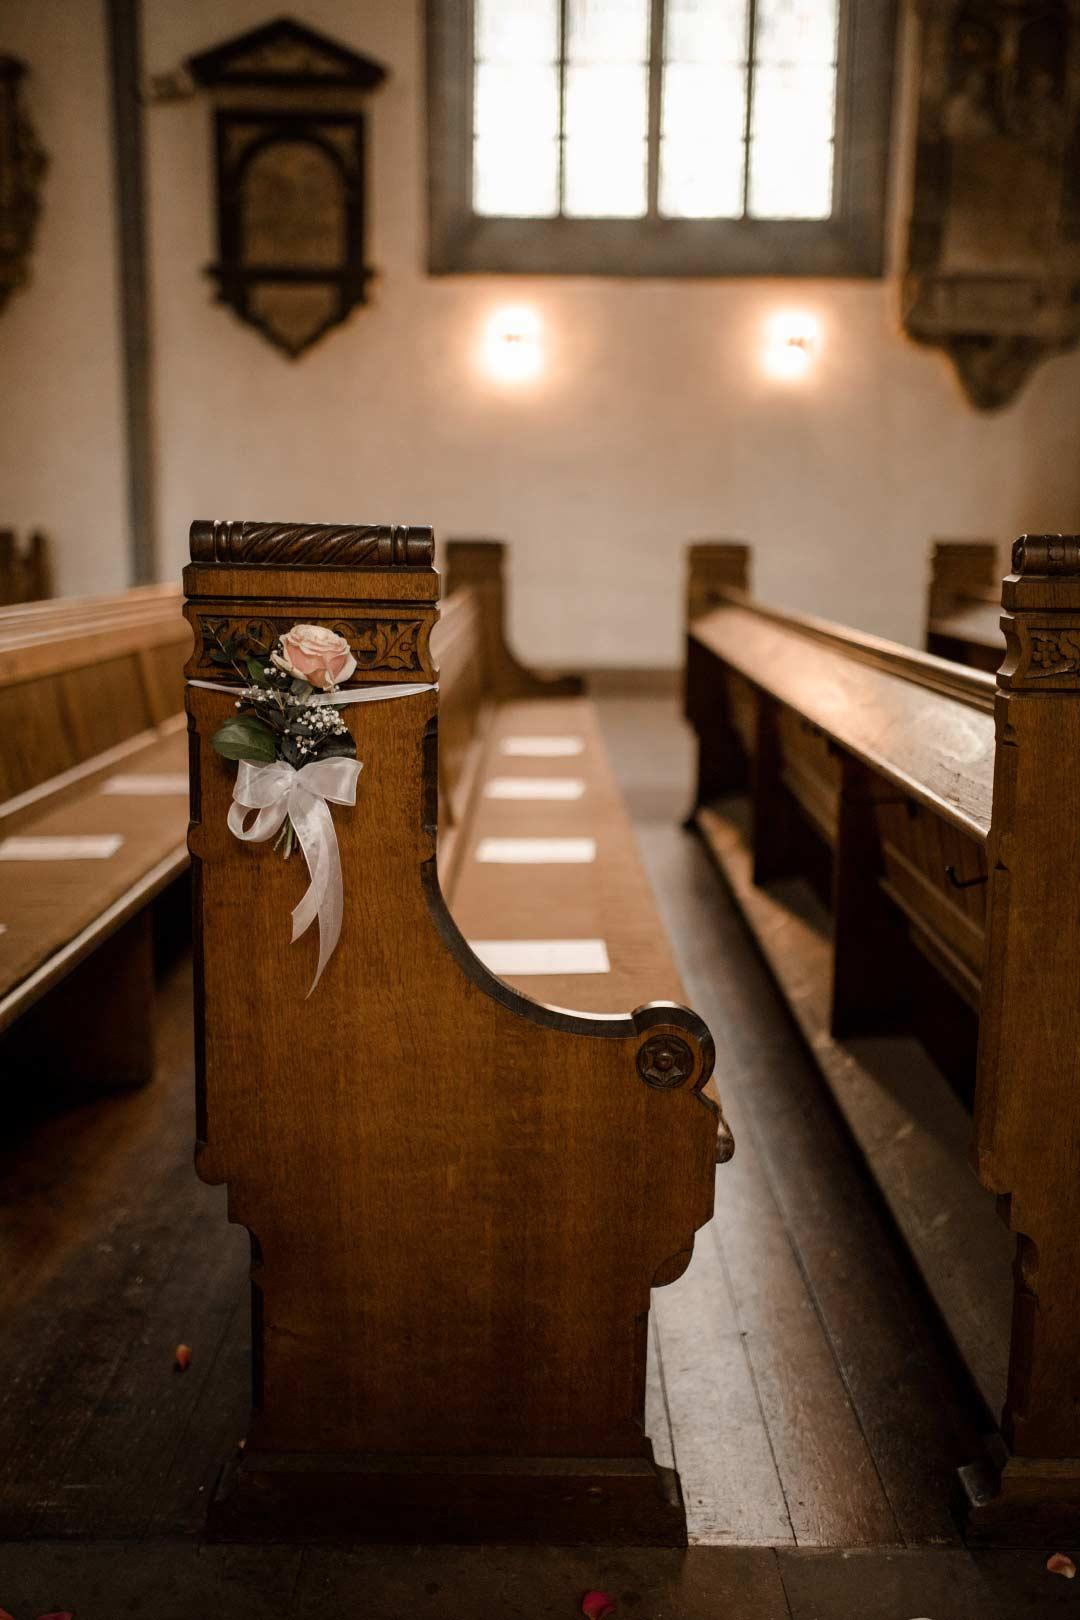 Kirchenbank mit Blumenschmuck und Kirchenhefte